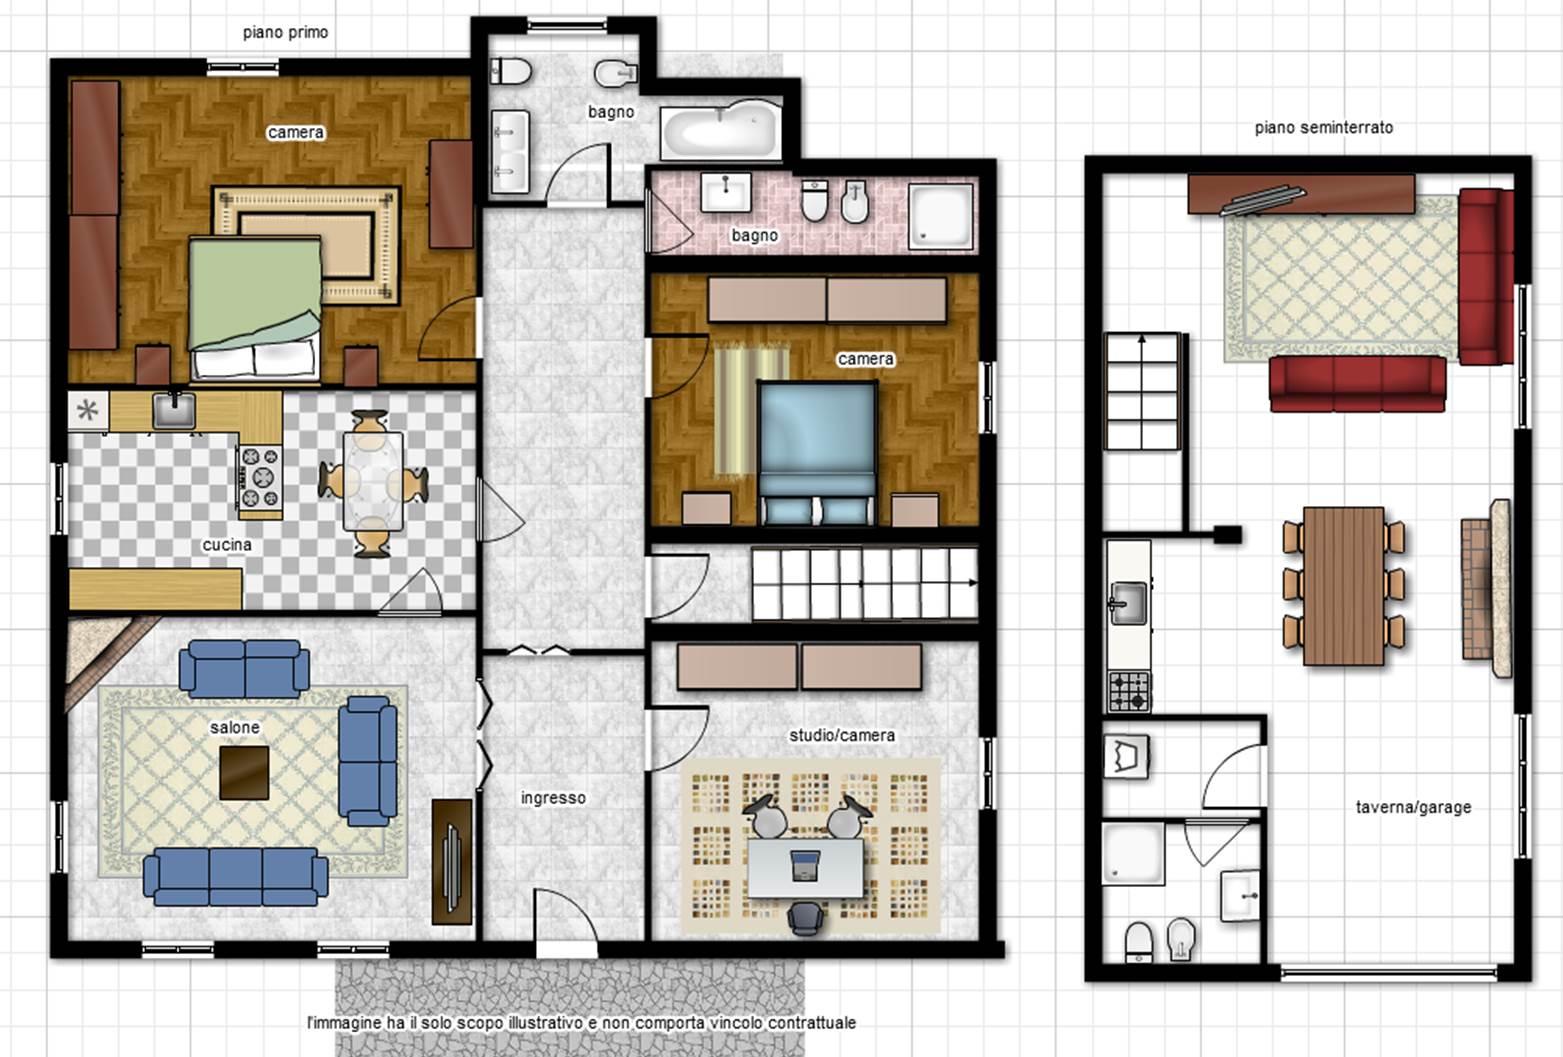 Villa in vendita a Viterbo, 5 locali, zona Zona: Periferia, prezzo € 170.000 | Cambio Casa.it